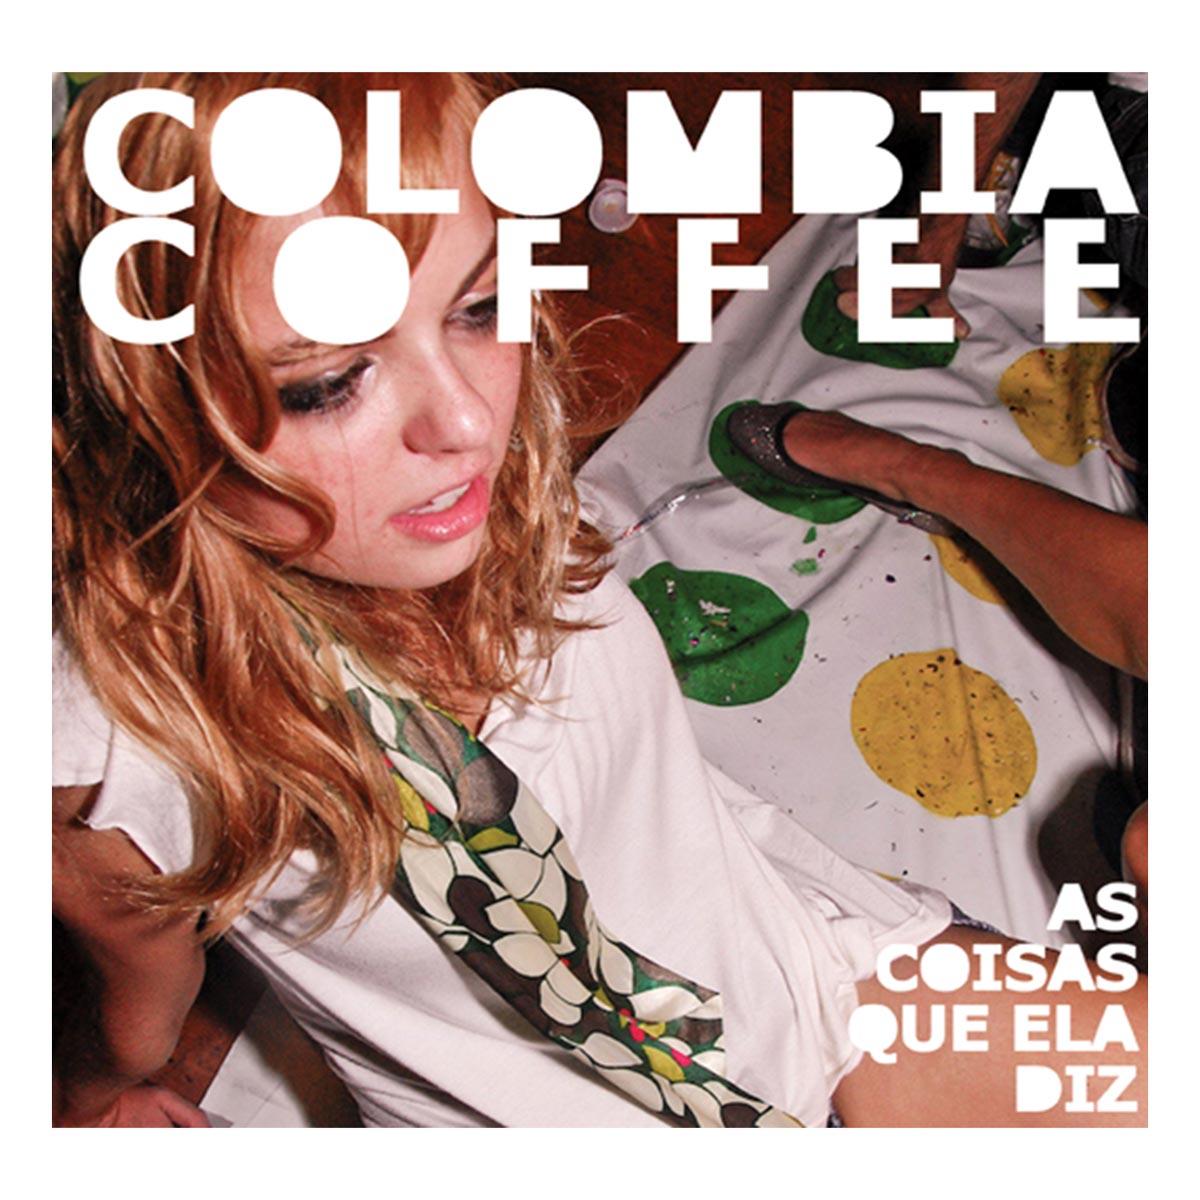 Compacto Colombia Coffee As Coisas Que Ela Diz